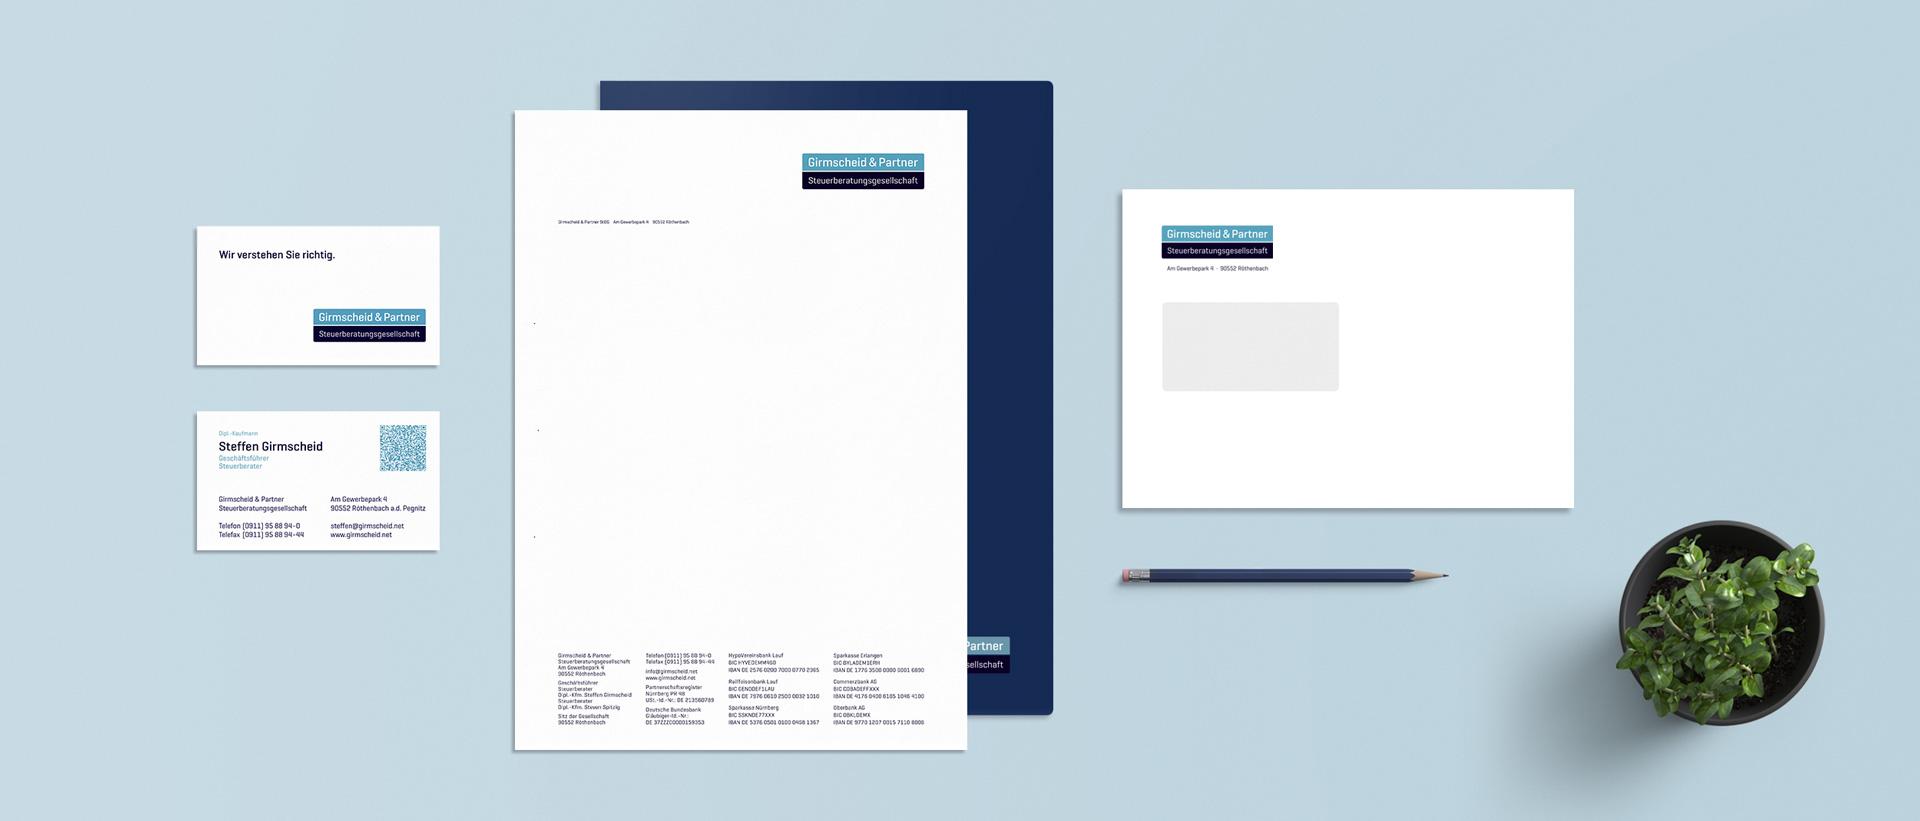 Für Girmscheid & Partner konzipiert und realisiert REINGOLD den kompletten Werbeauftritt.